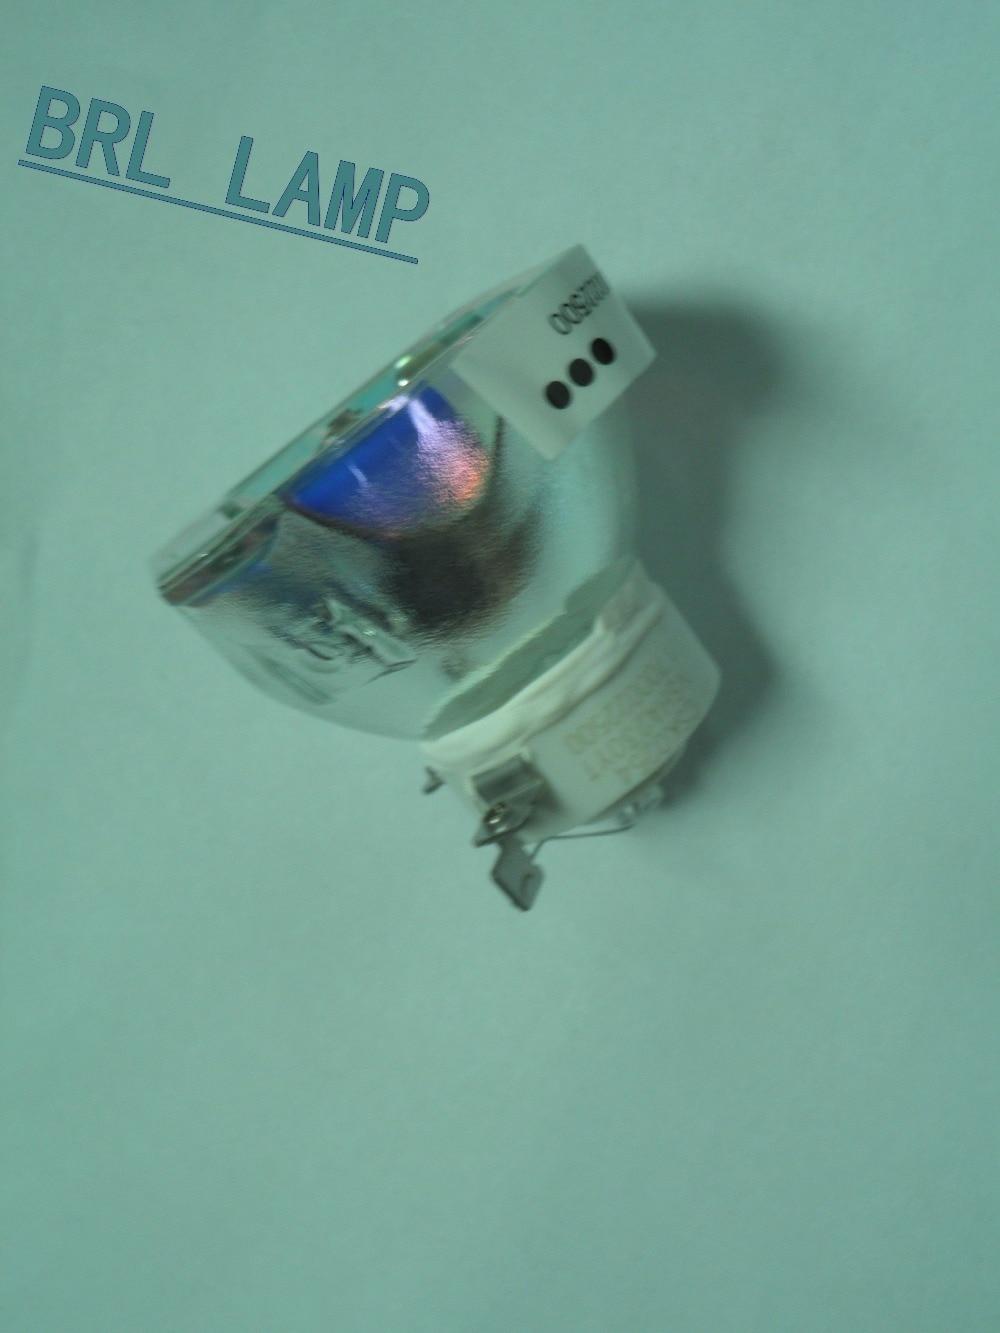 Original lamp PK-L2312U For JVC DLA-X900R/DLA-X95/DLA-X950R/DLA-X95R/DLA-X750R/ DLA-RS46/DLA-RS48/DLA-RS4810/DLA-RS49/DLA-RS4910 jvc dla x9000be